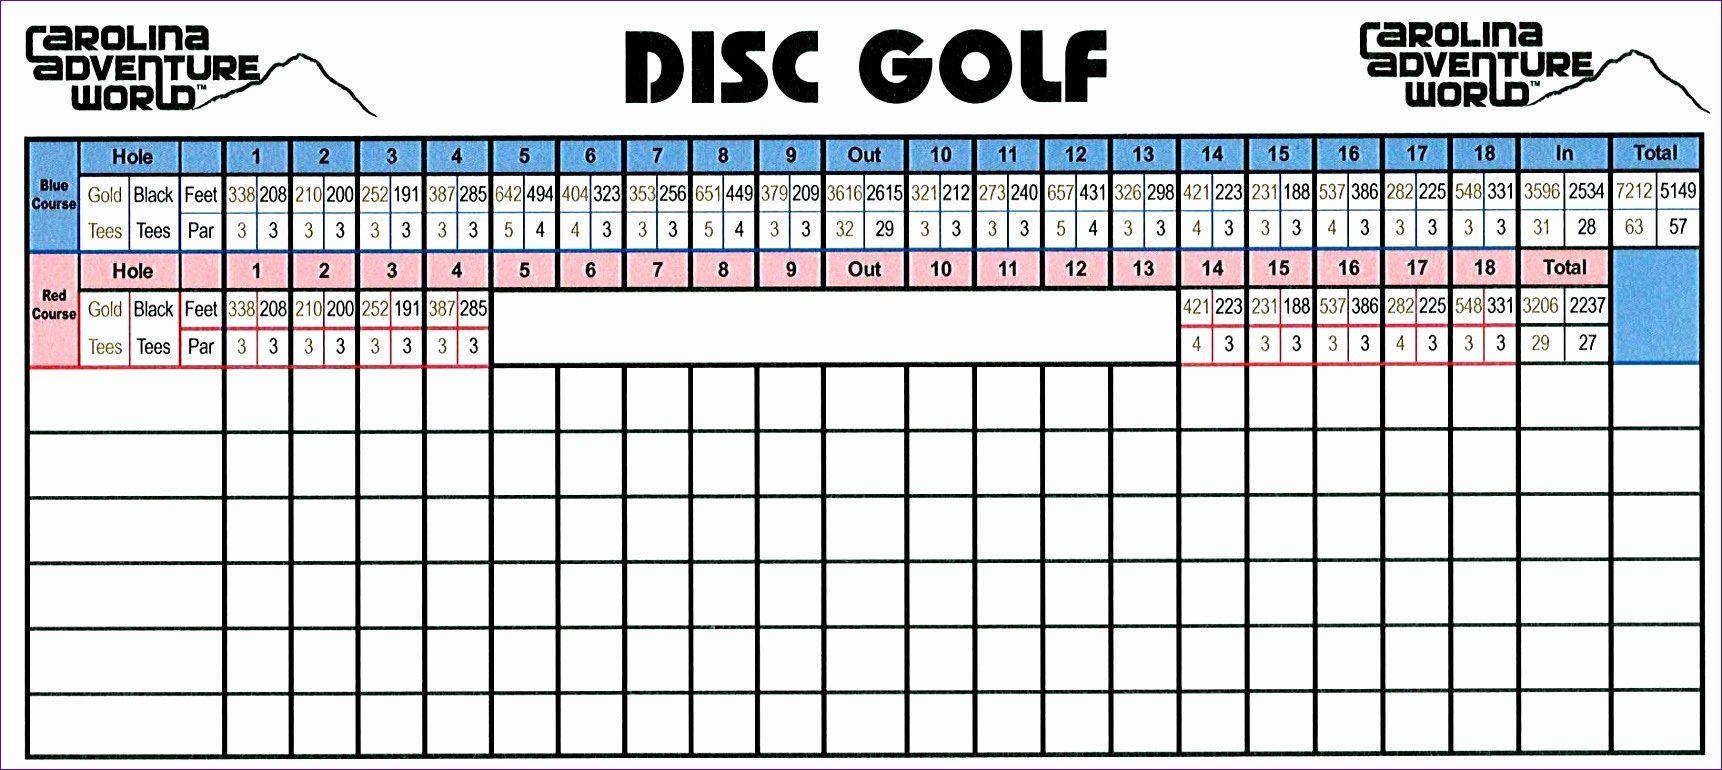 Golf Scorecard Template Excel Unique 6 Golf Scorecard Template Excel Exceltemplates Golf Course Reviews Golf Scorecard Disc Golf Course Review